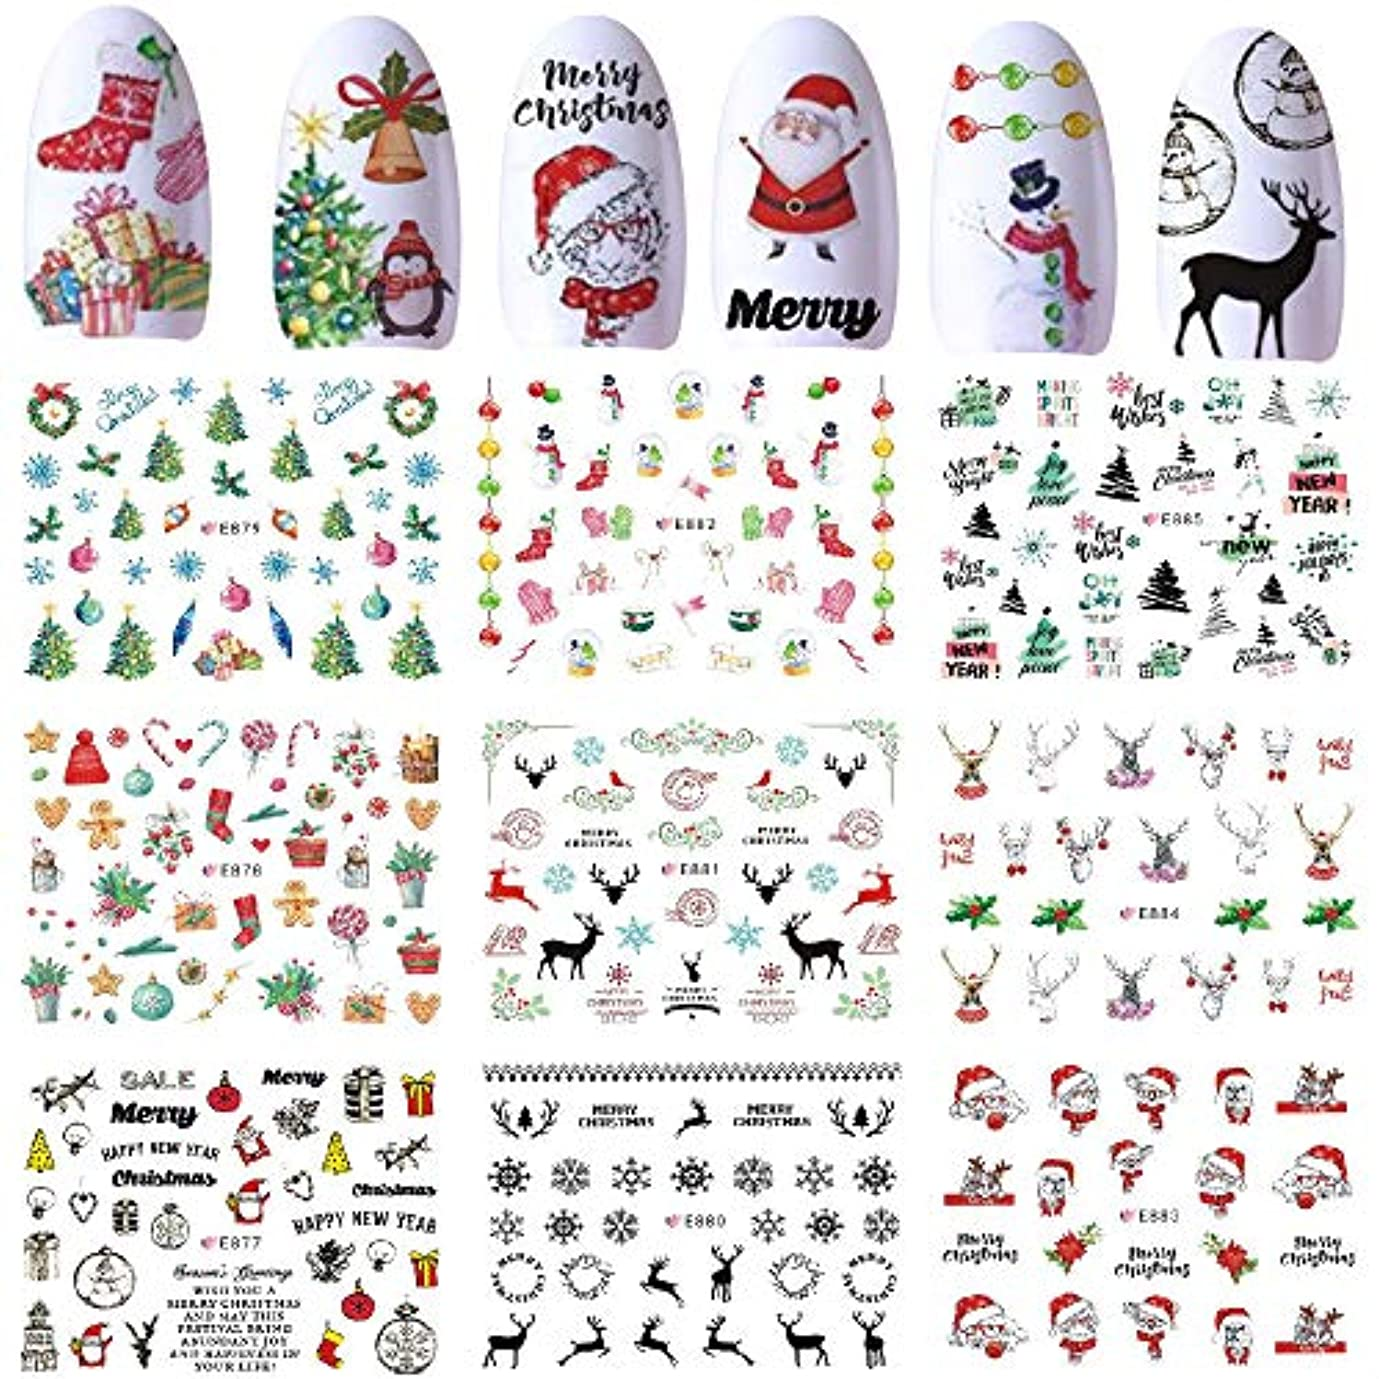 過言チョコレート雄弁なクリスマステーマテッカー ジェルネイルに埋め込み ランダムパータンネイルパーツネイルアート